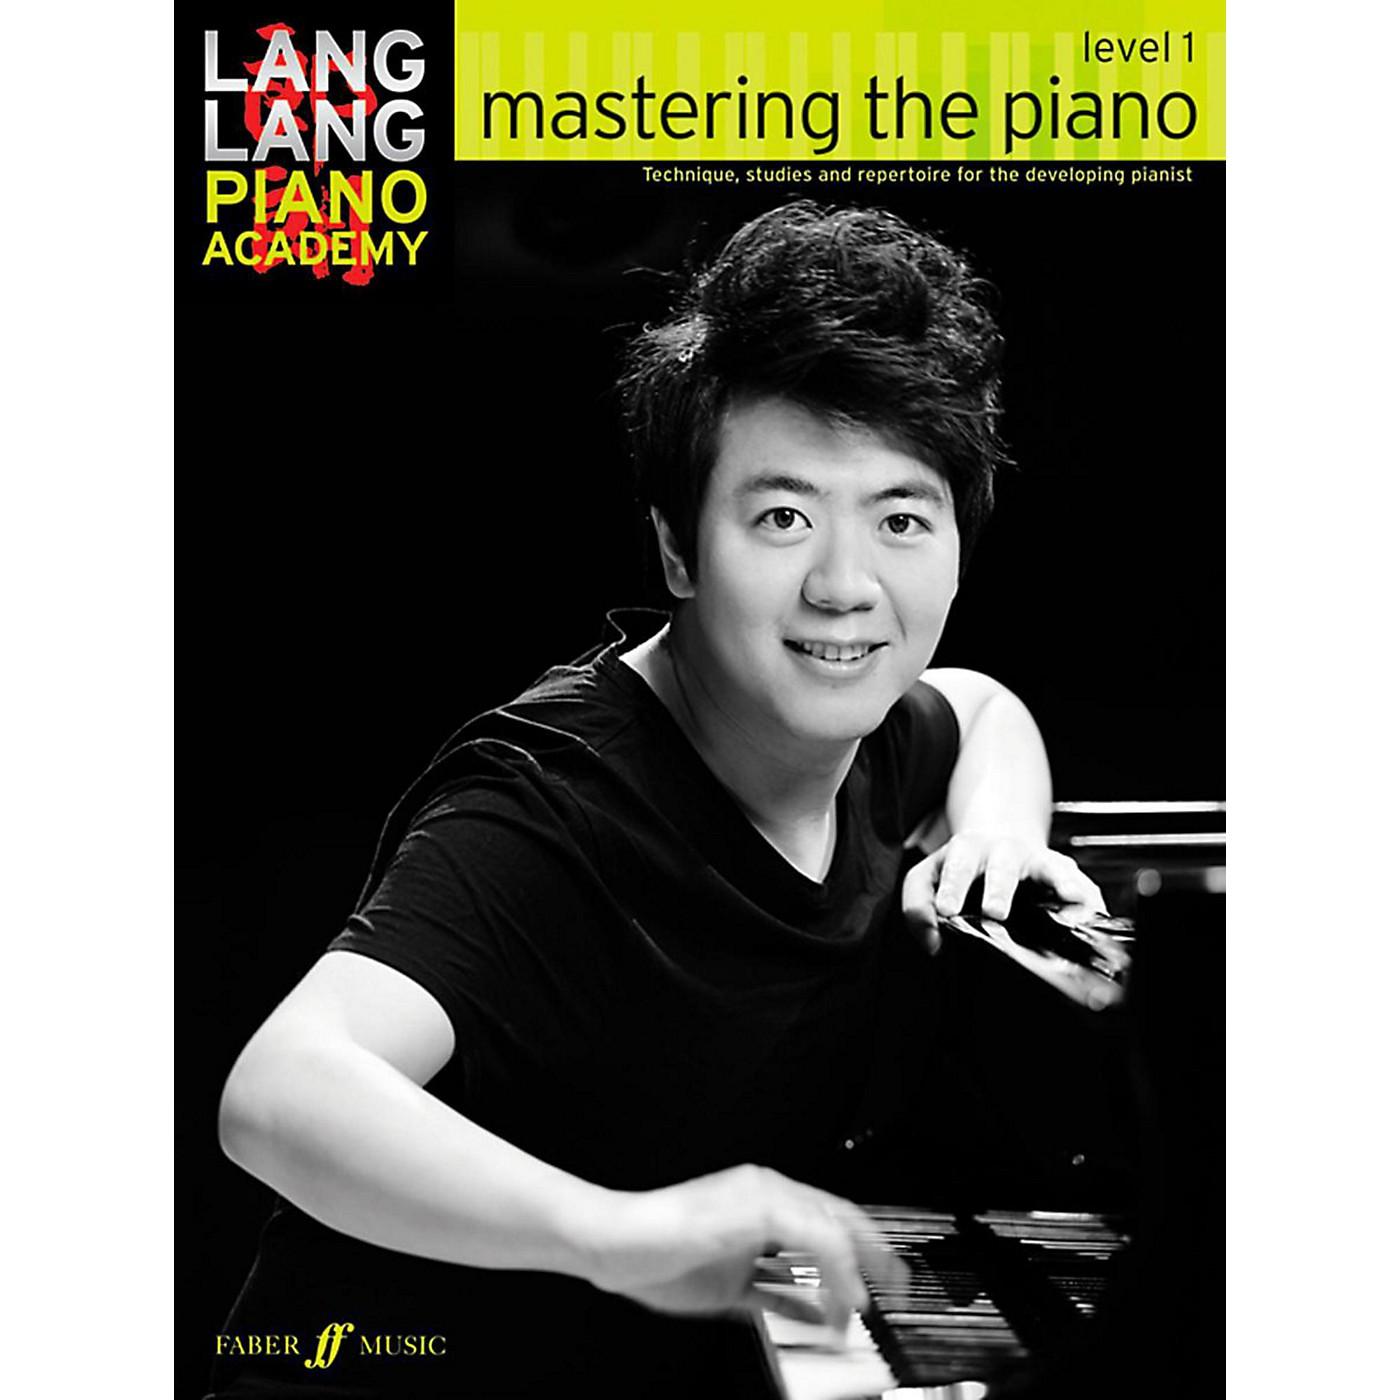 Faber Music LTD Lang Lang Piano Academy: Mastering the Piano Level 1 Book thumbnail